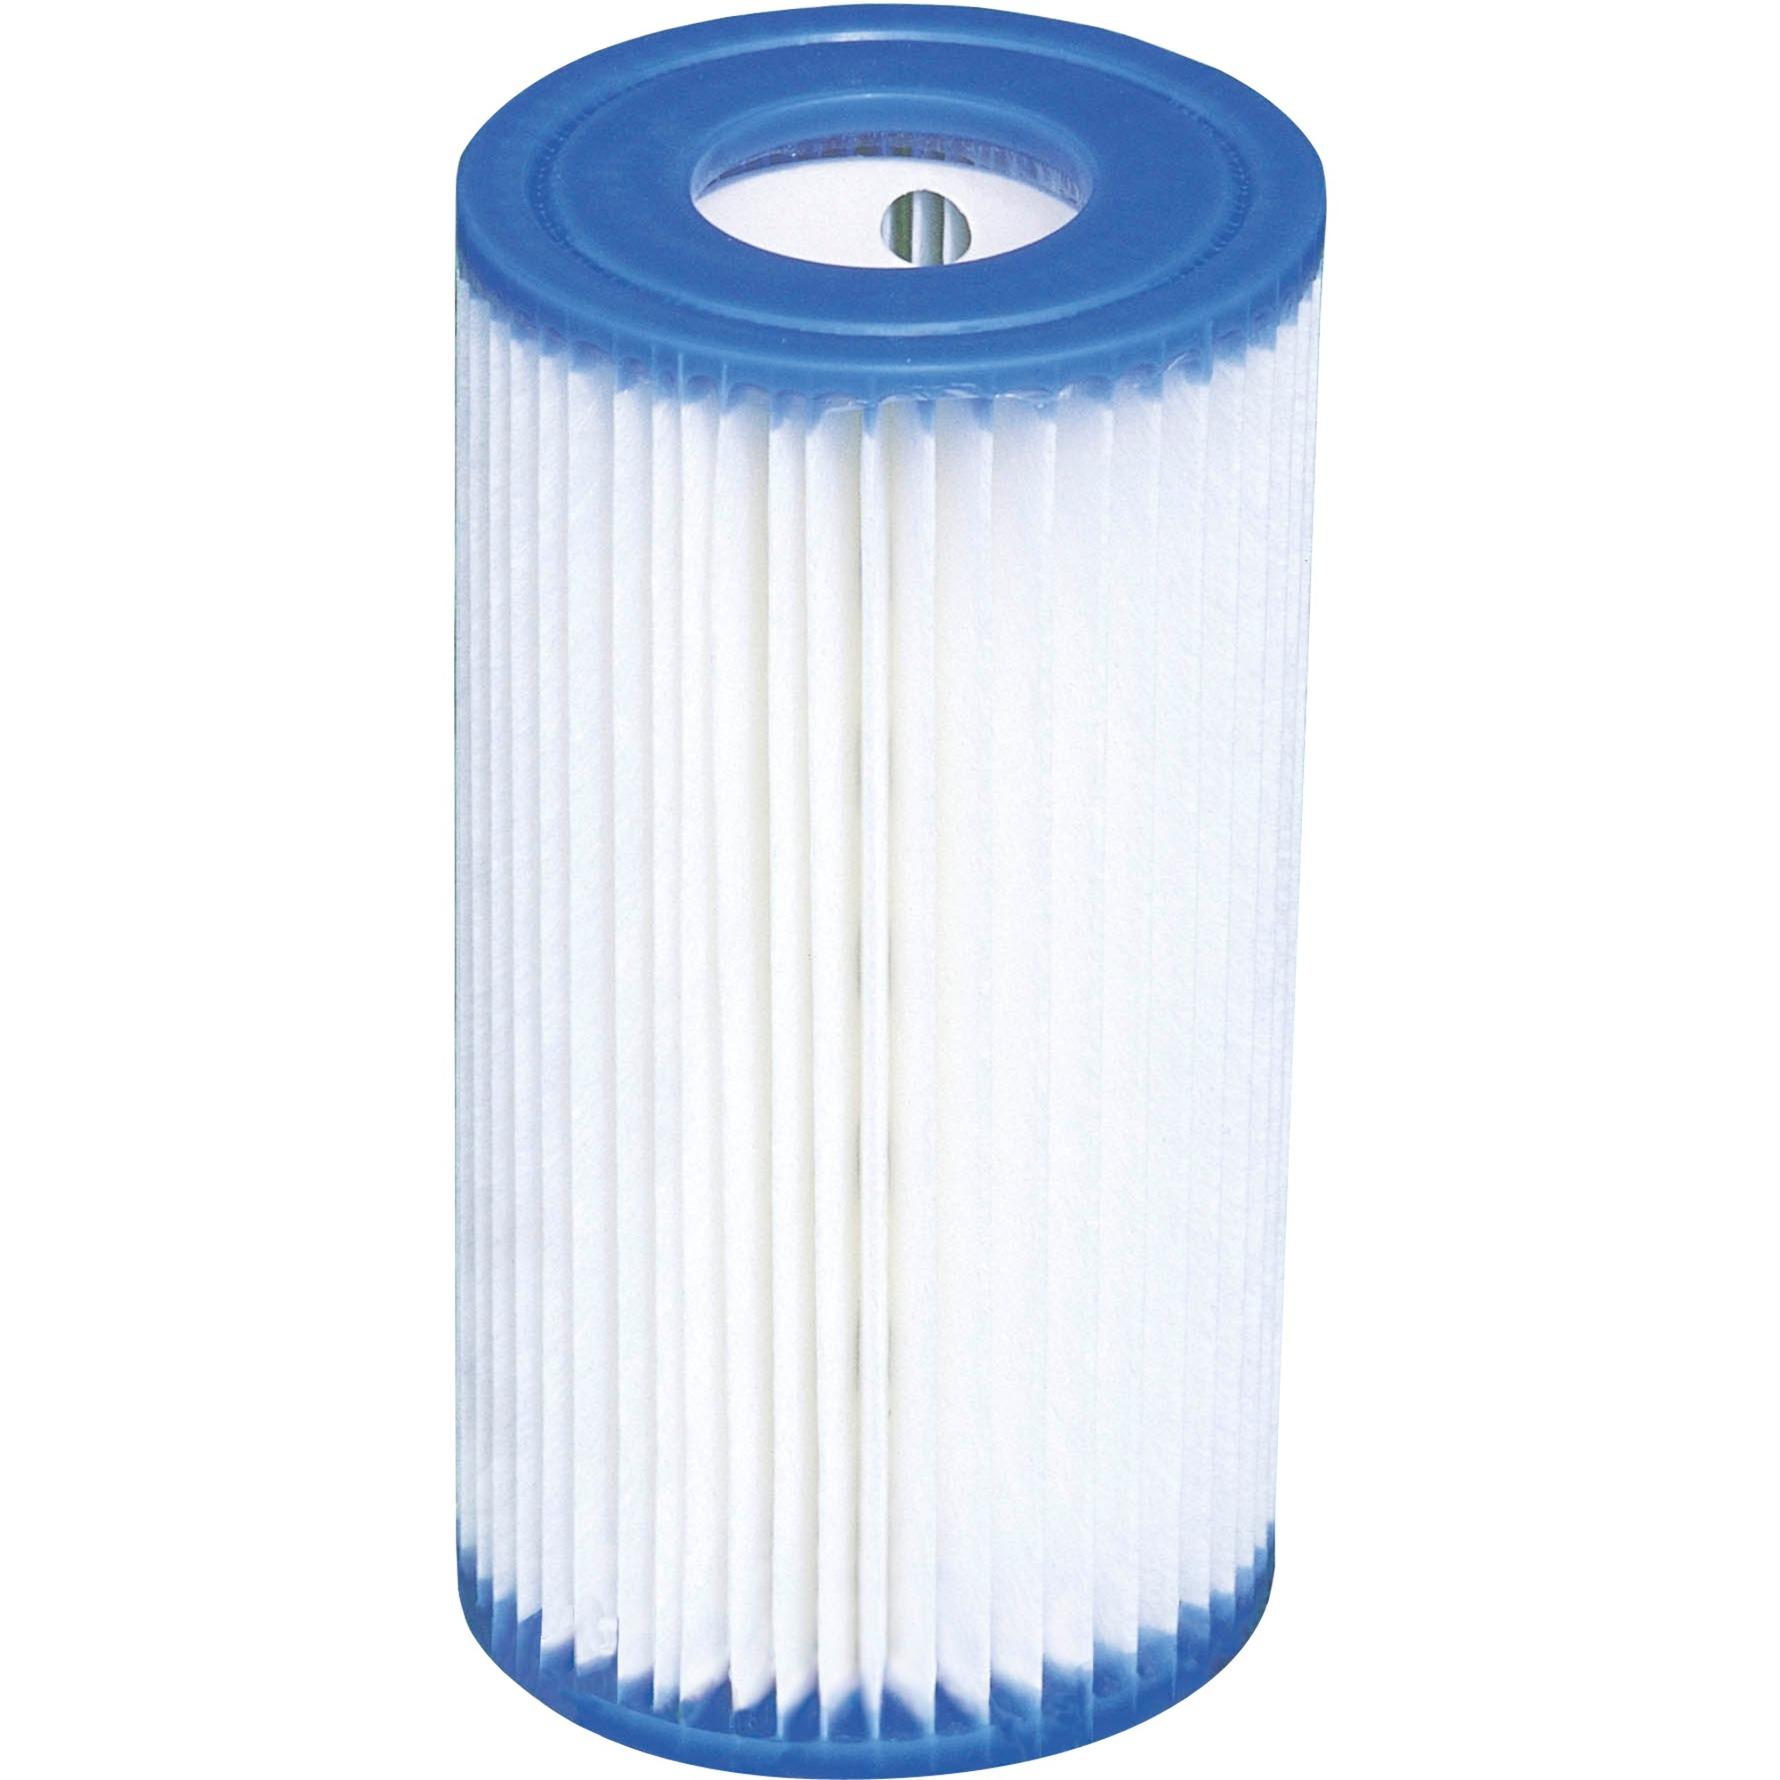 29000 De flujo directo Azul, Color blanco filtro de agua, Material del filtro